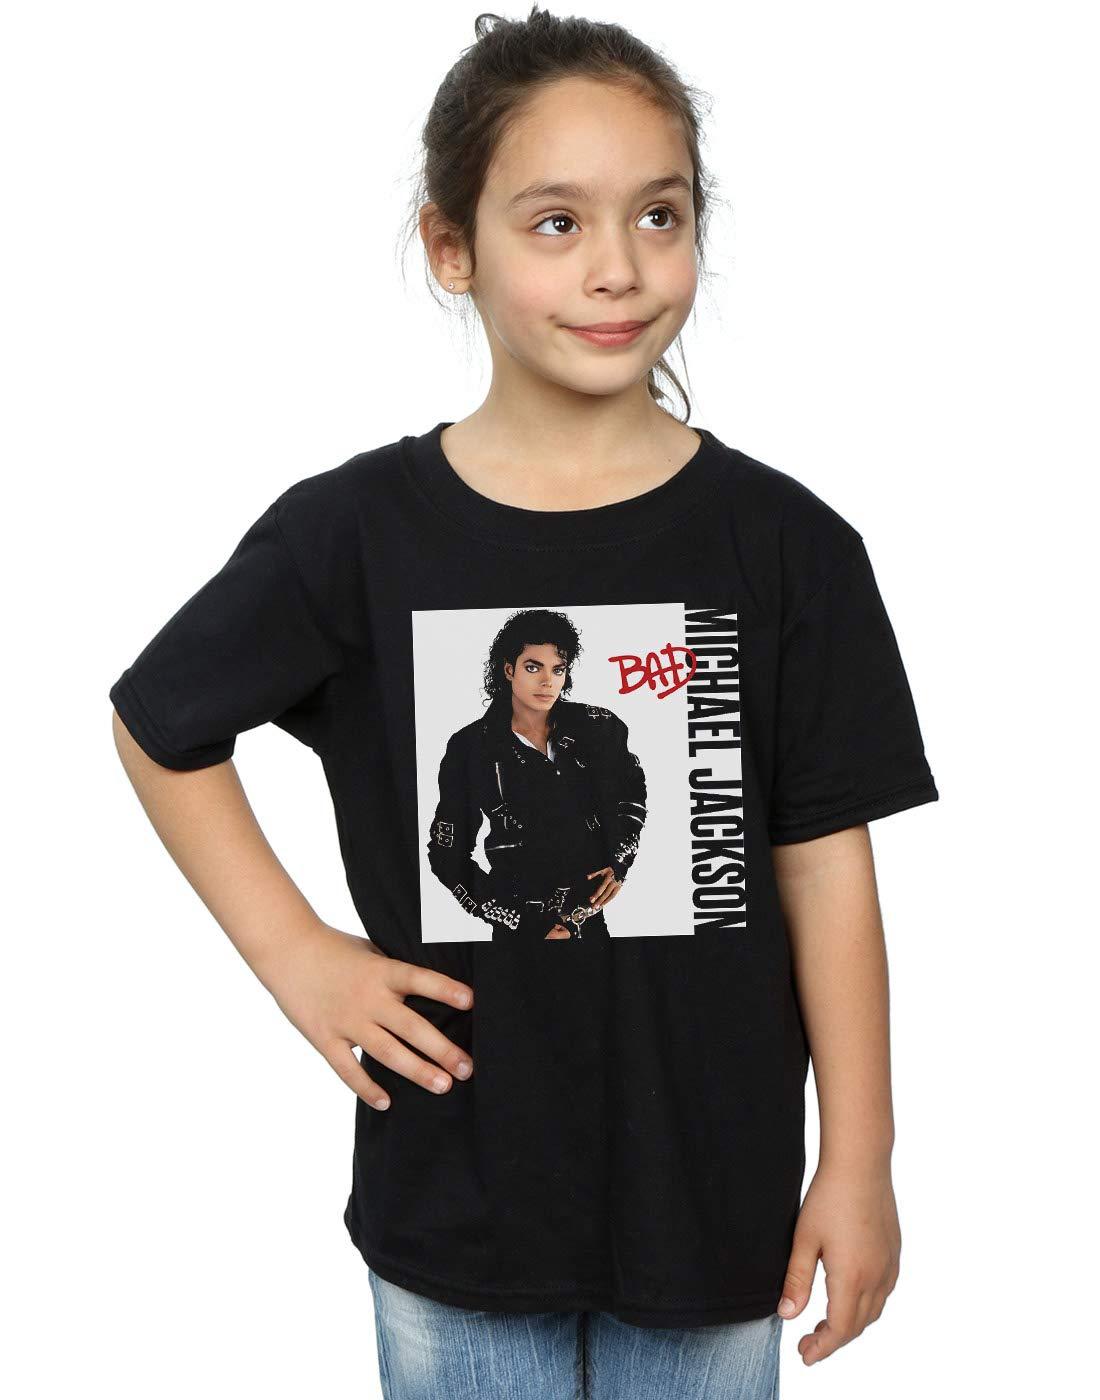 Michael Jackson Girls Bad Pose Tshirt